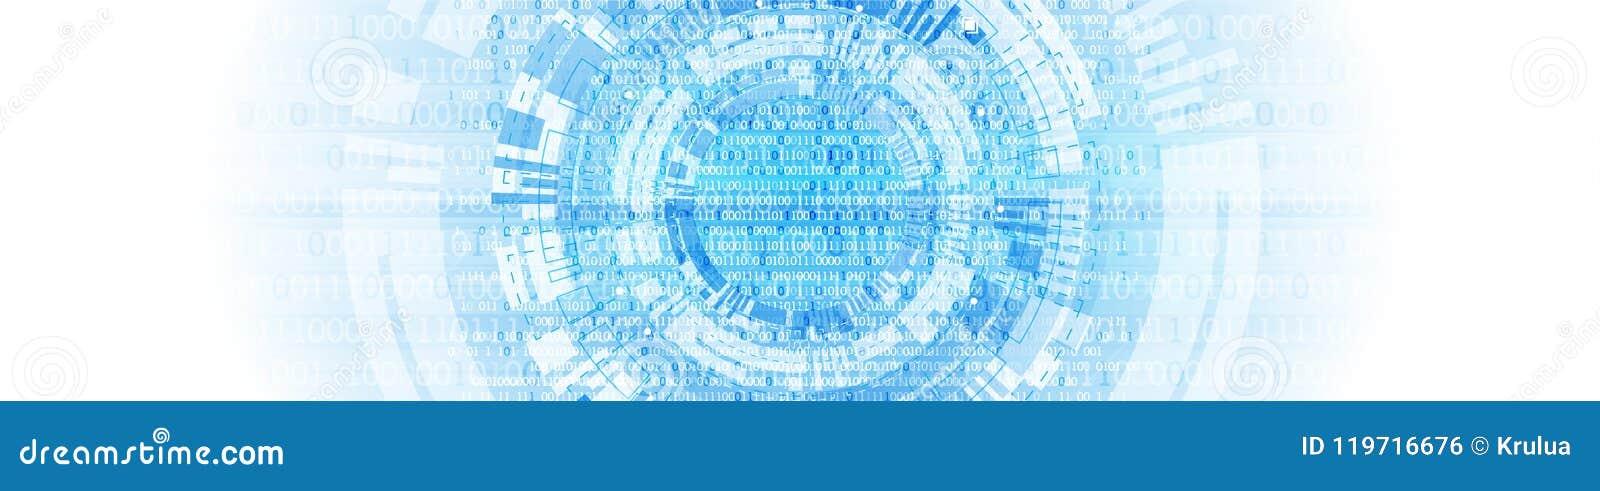 Tła binarnego kodu ziemi telefonu planety technologia binarnego kodu komputer Wektorowy Illustratio